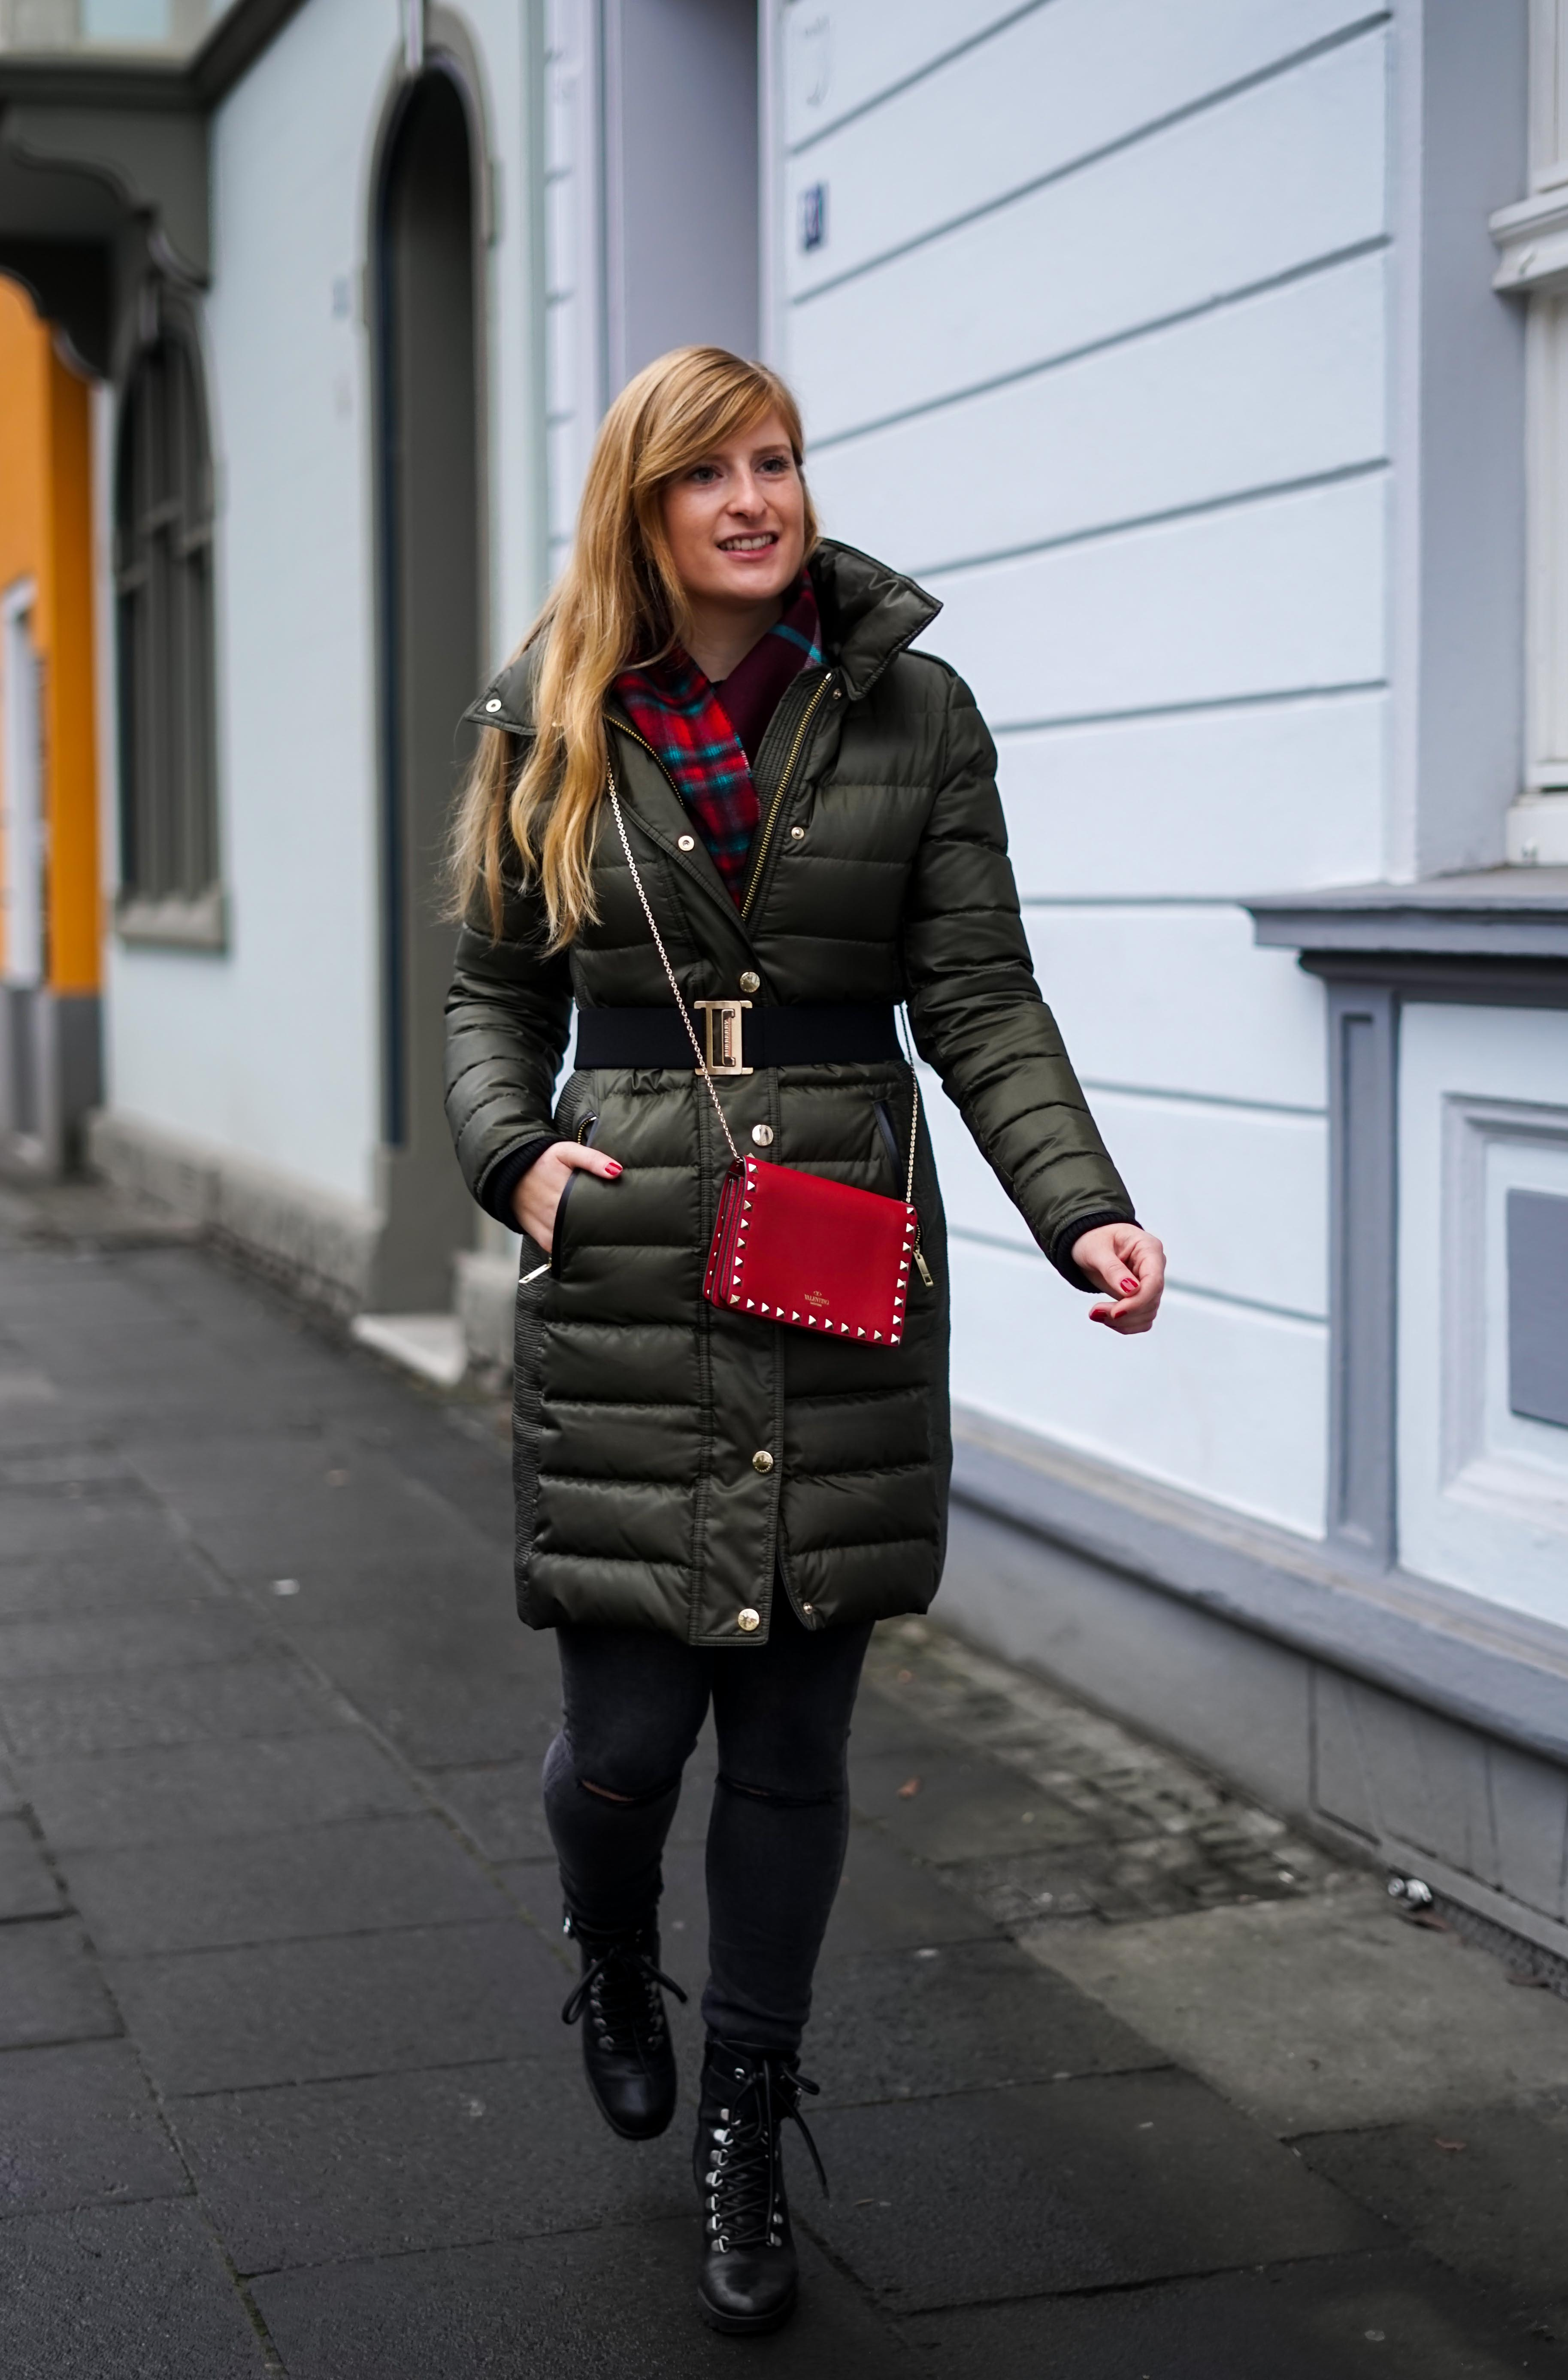 Burberry Winterjacke Grün Modeblog Winter Outfit Bonn Stiefeletten kombinieren 3